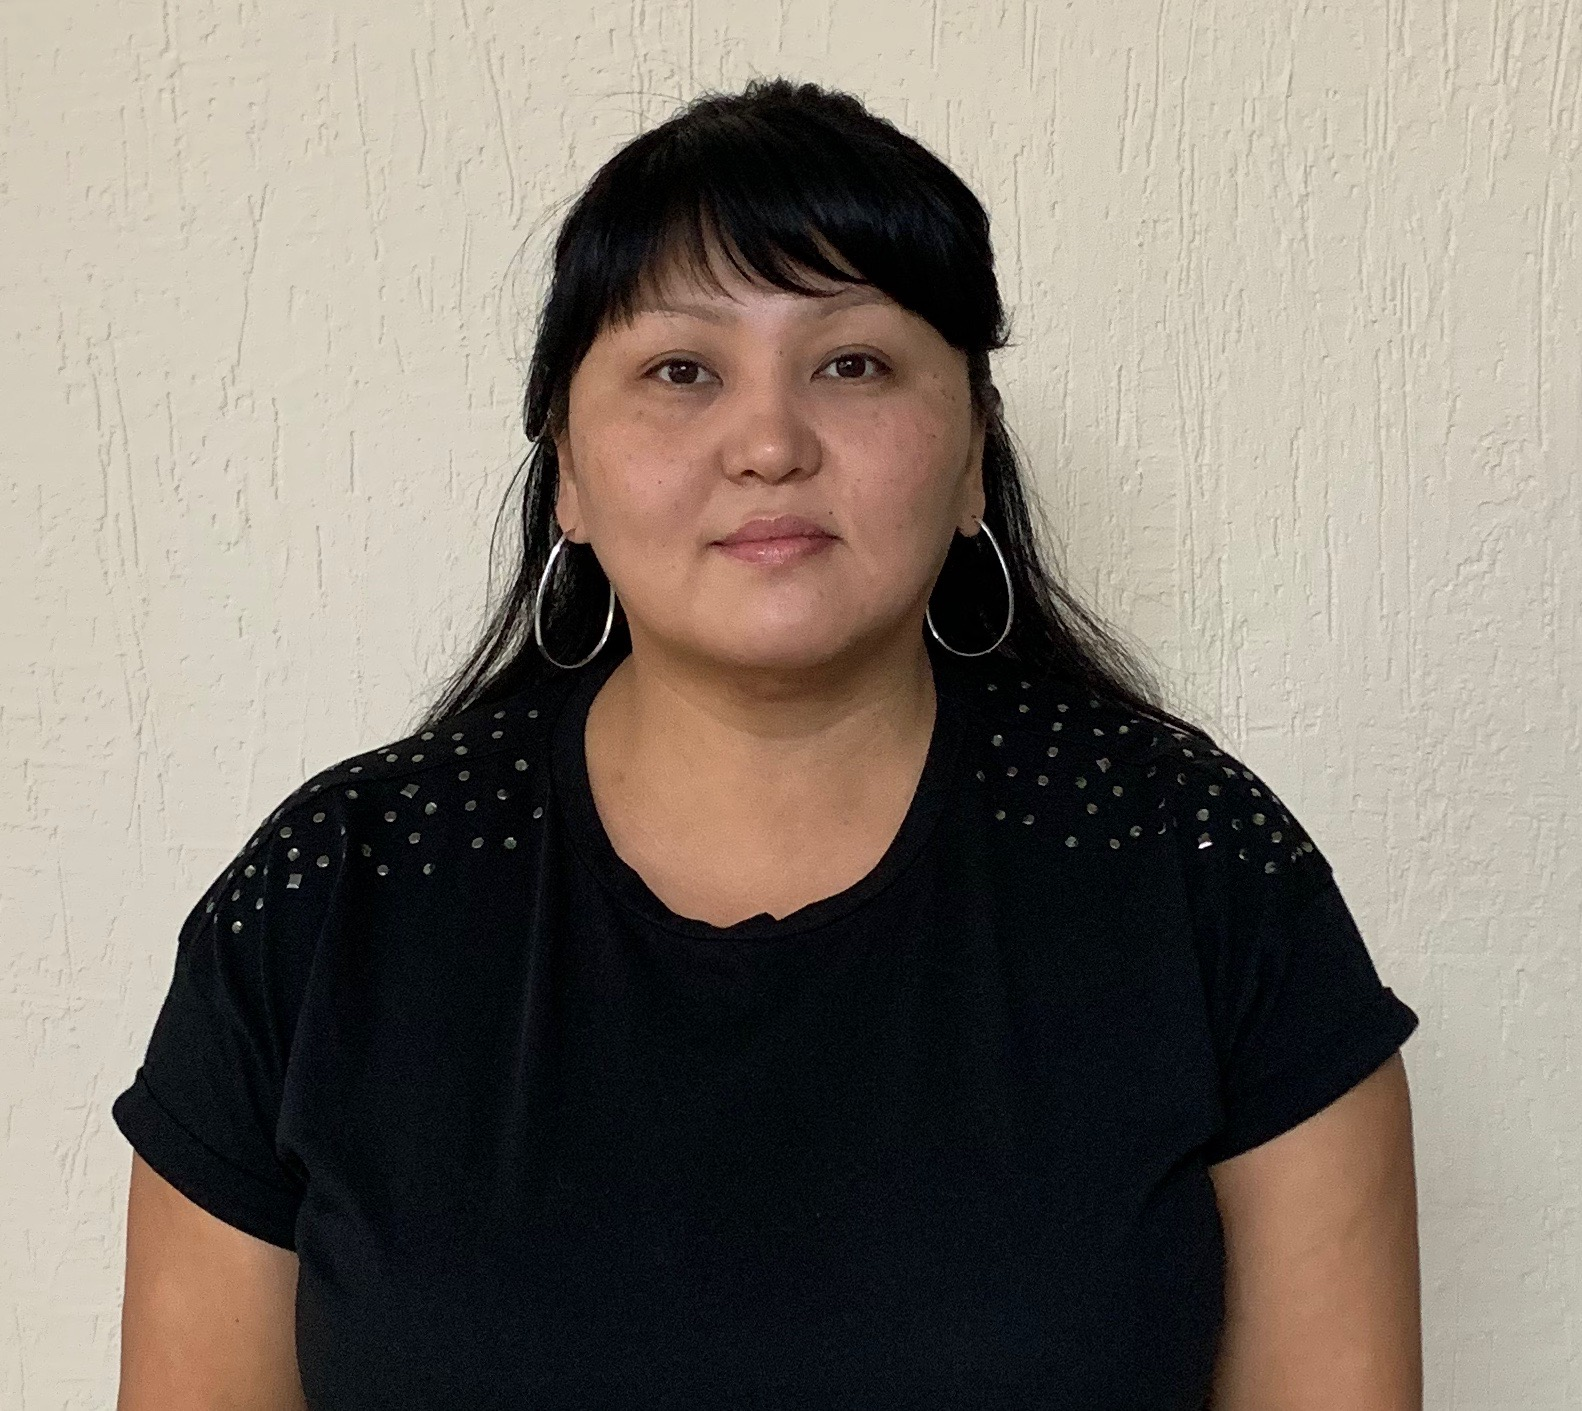 Джаркимбаева Динара Мухамедкалиевна